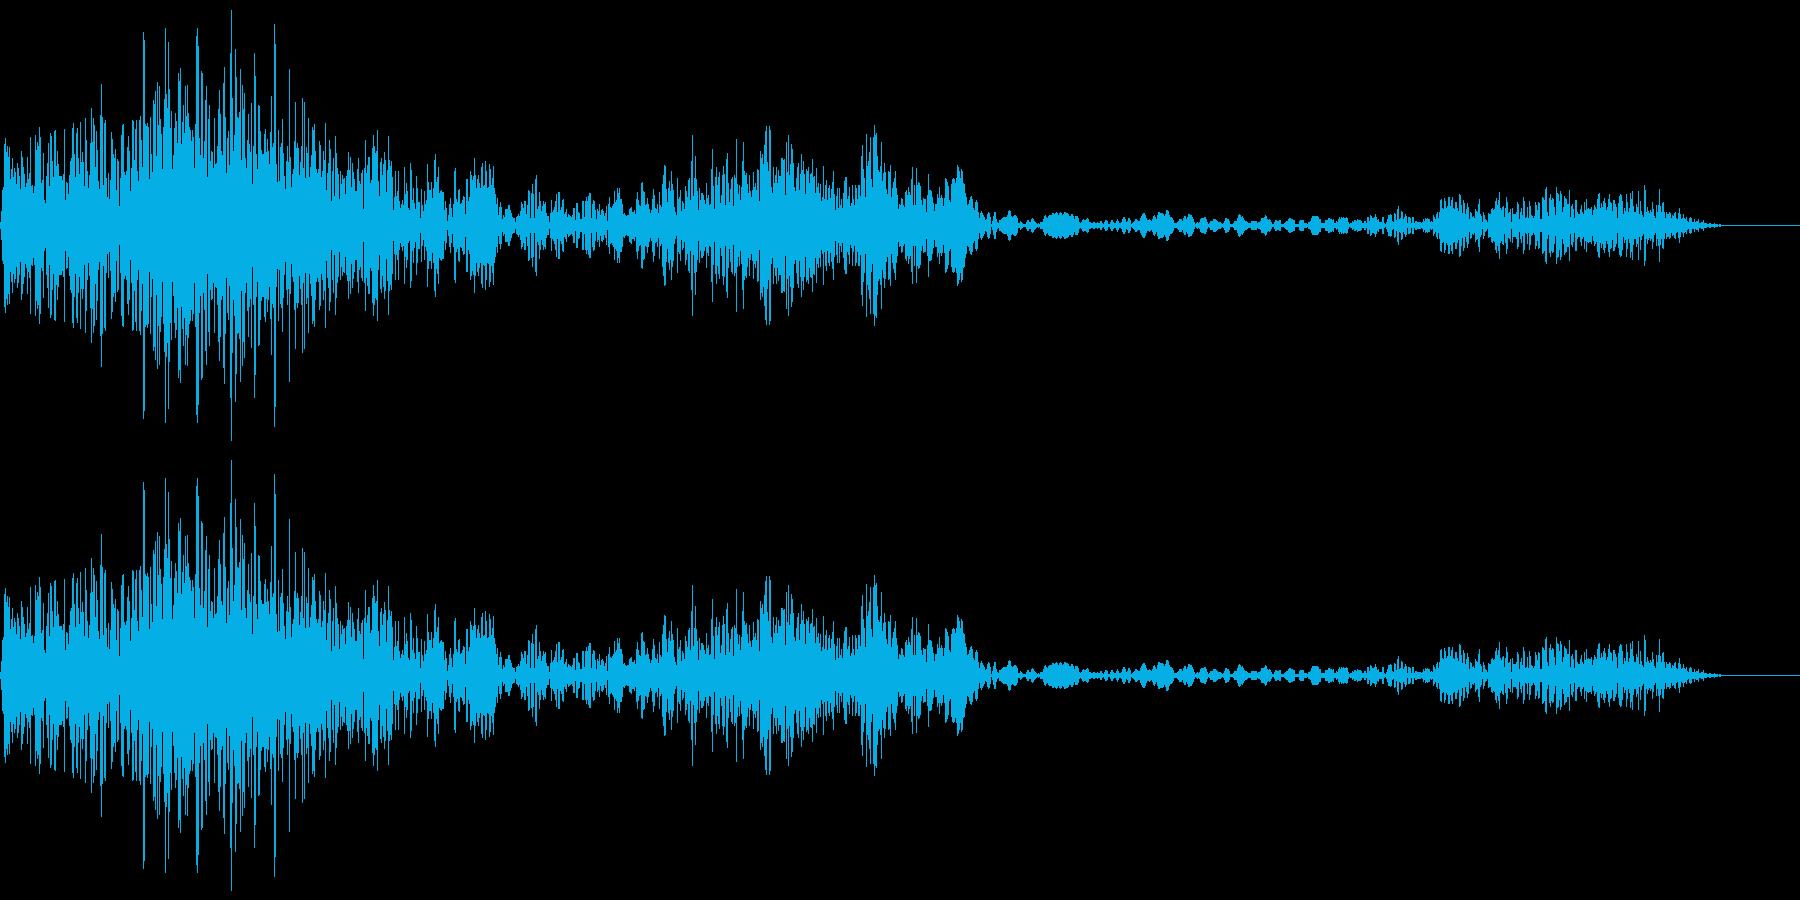 衝撃、ノイズ(バシッシュワシュワ)の再生済みの波形